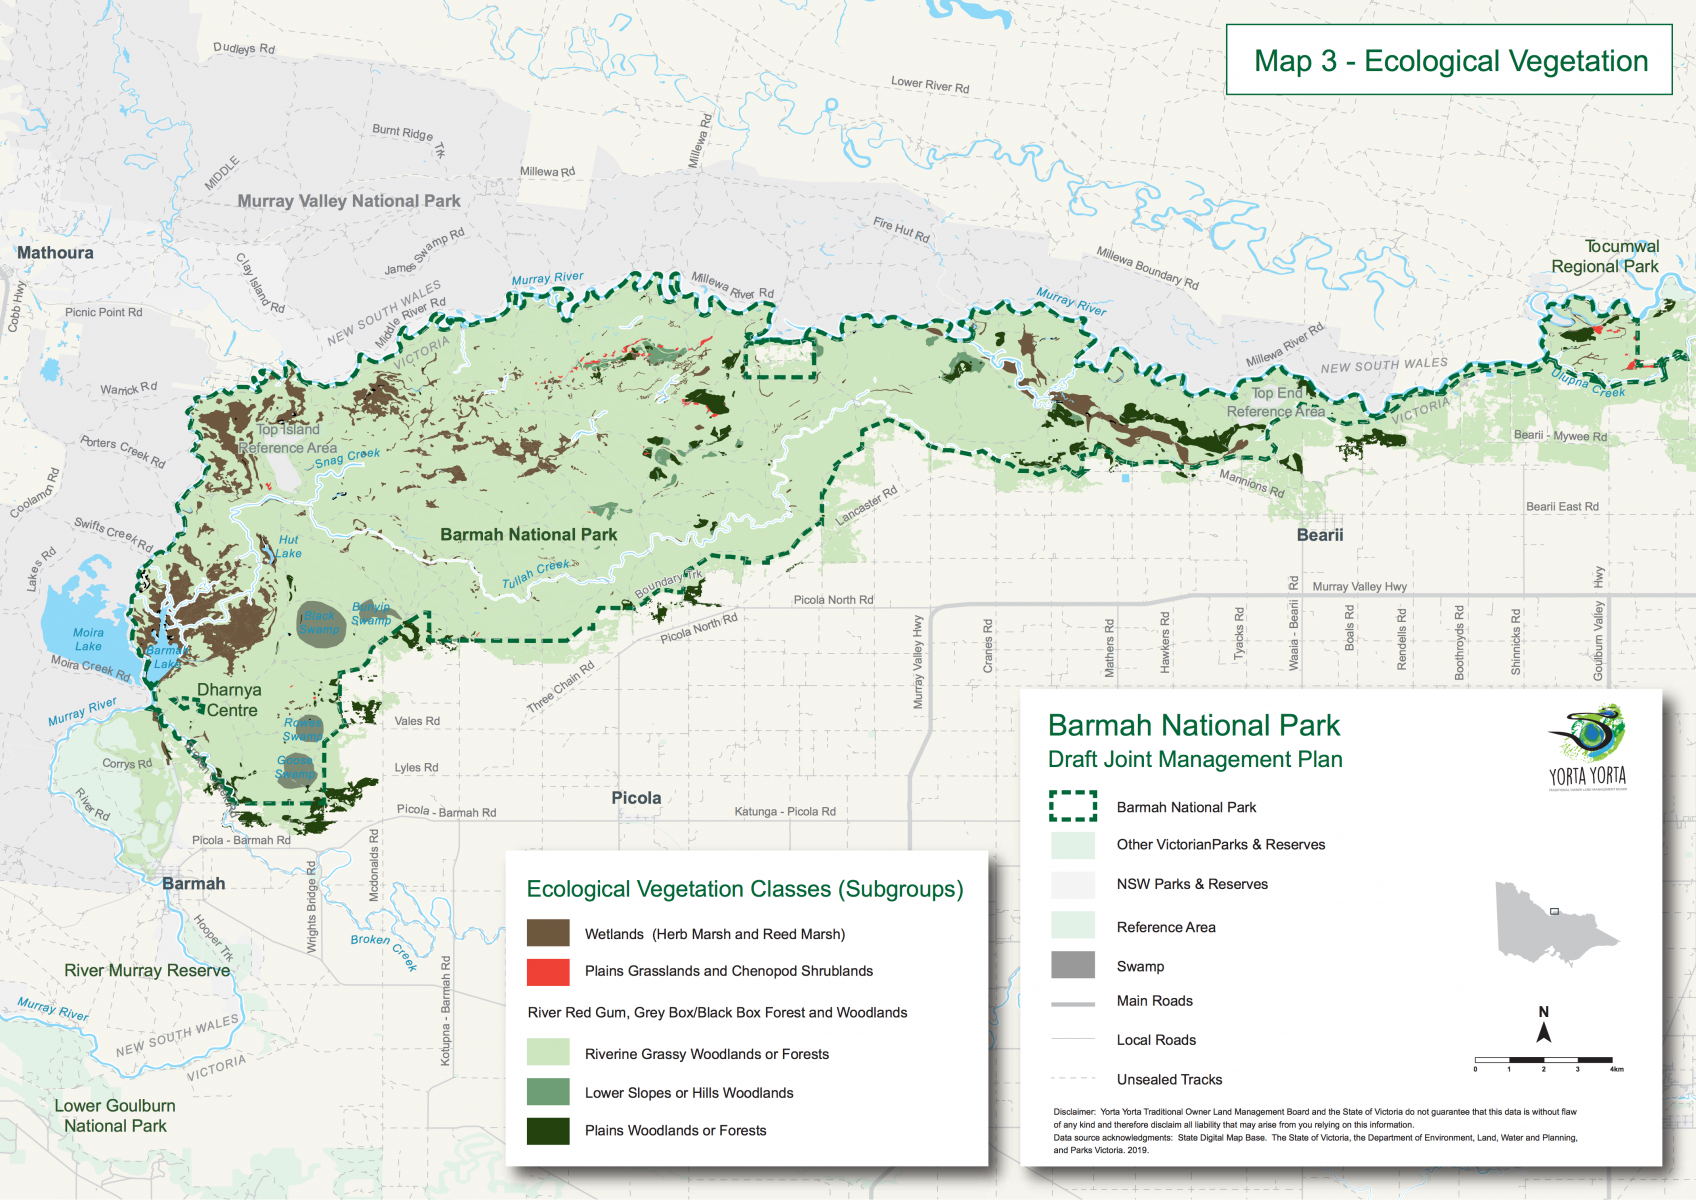 Map-3_Ecological-Vegetation-A3-Barmah-Draft-JMP-online